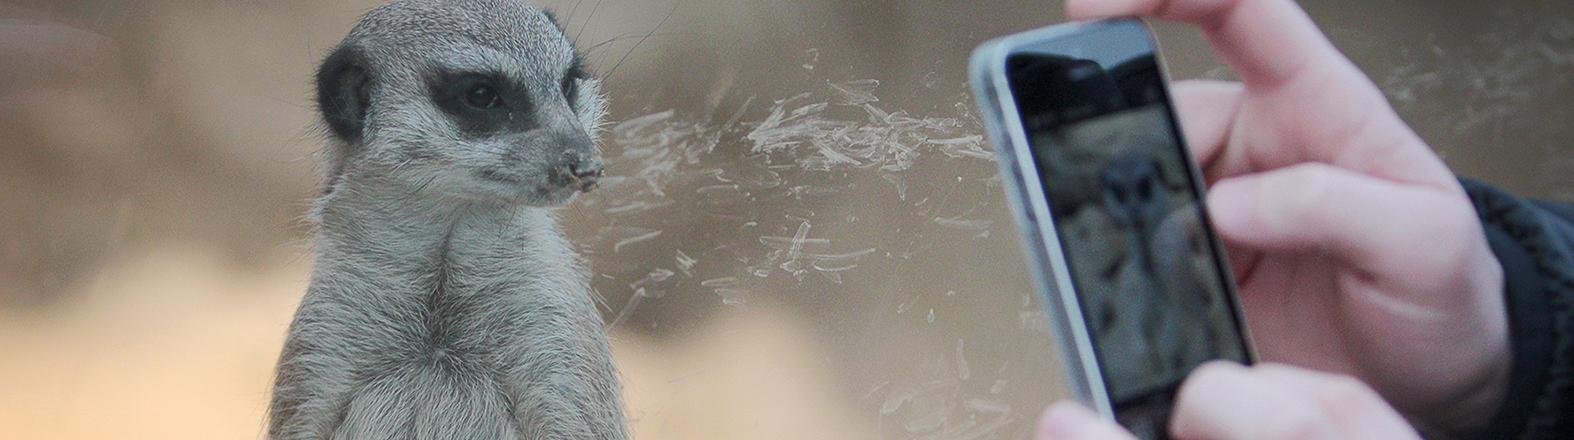 Ein Erdmännchen posiert am 08.03.2015 im Zoo in Frankfurt am Main (Hessen) für die Smartphone-Kamera eines jungen Besuchers. Foto: Fredrik von Erichsen/dpa